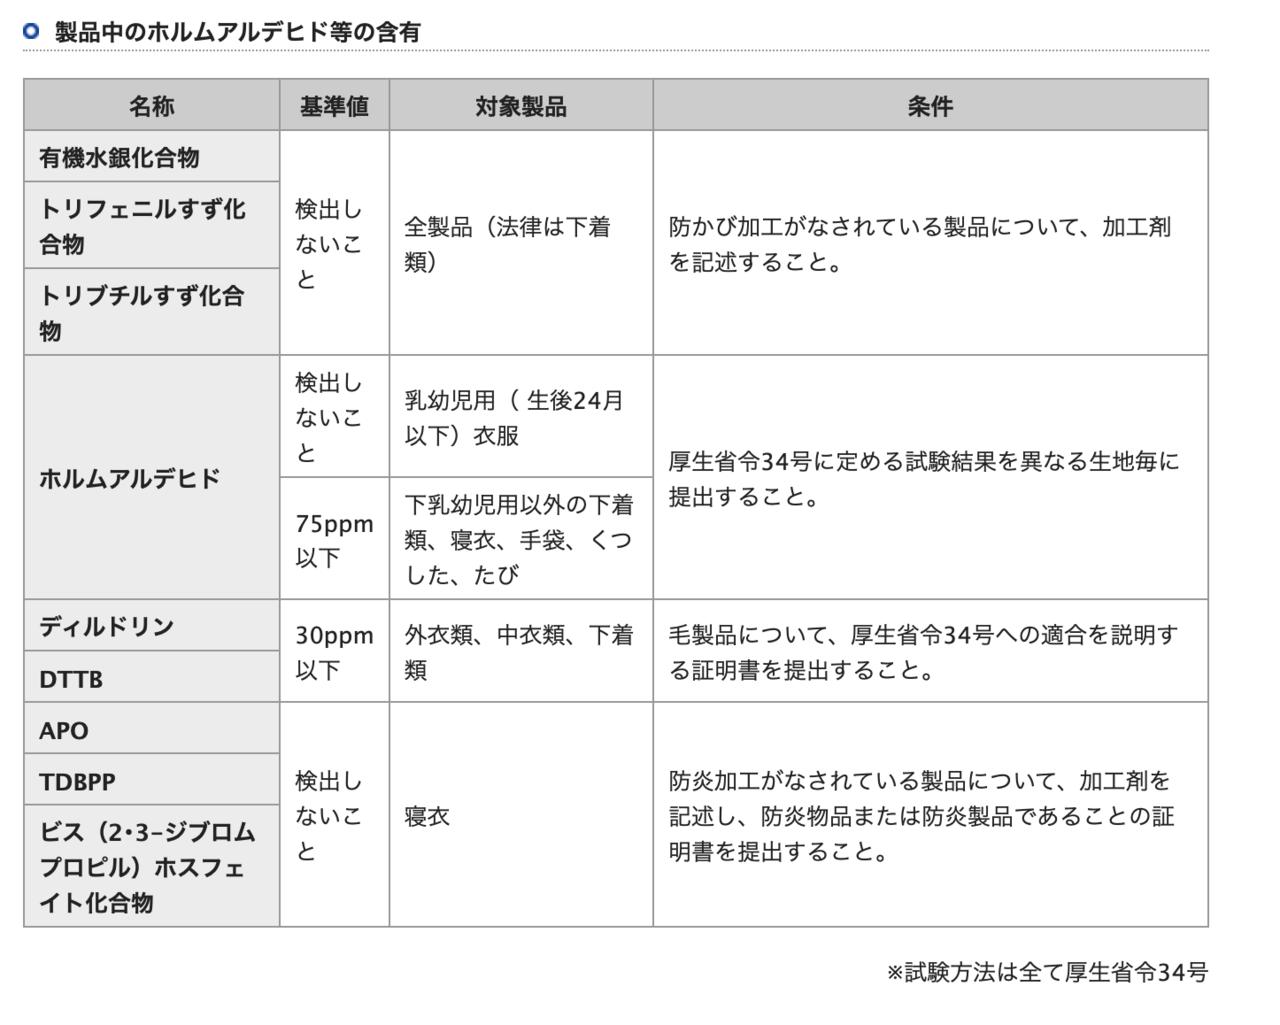 スクリーンショット 2020-01-06 18.00.31